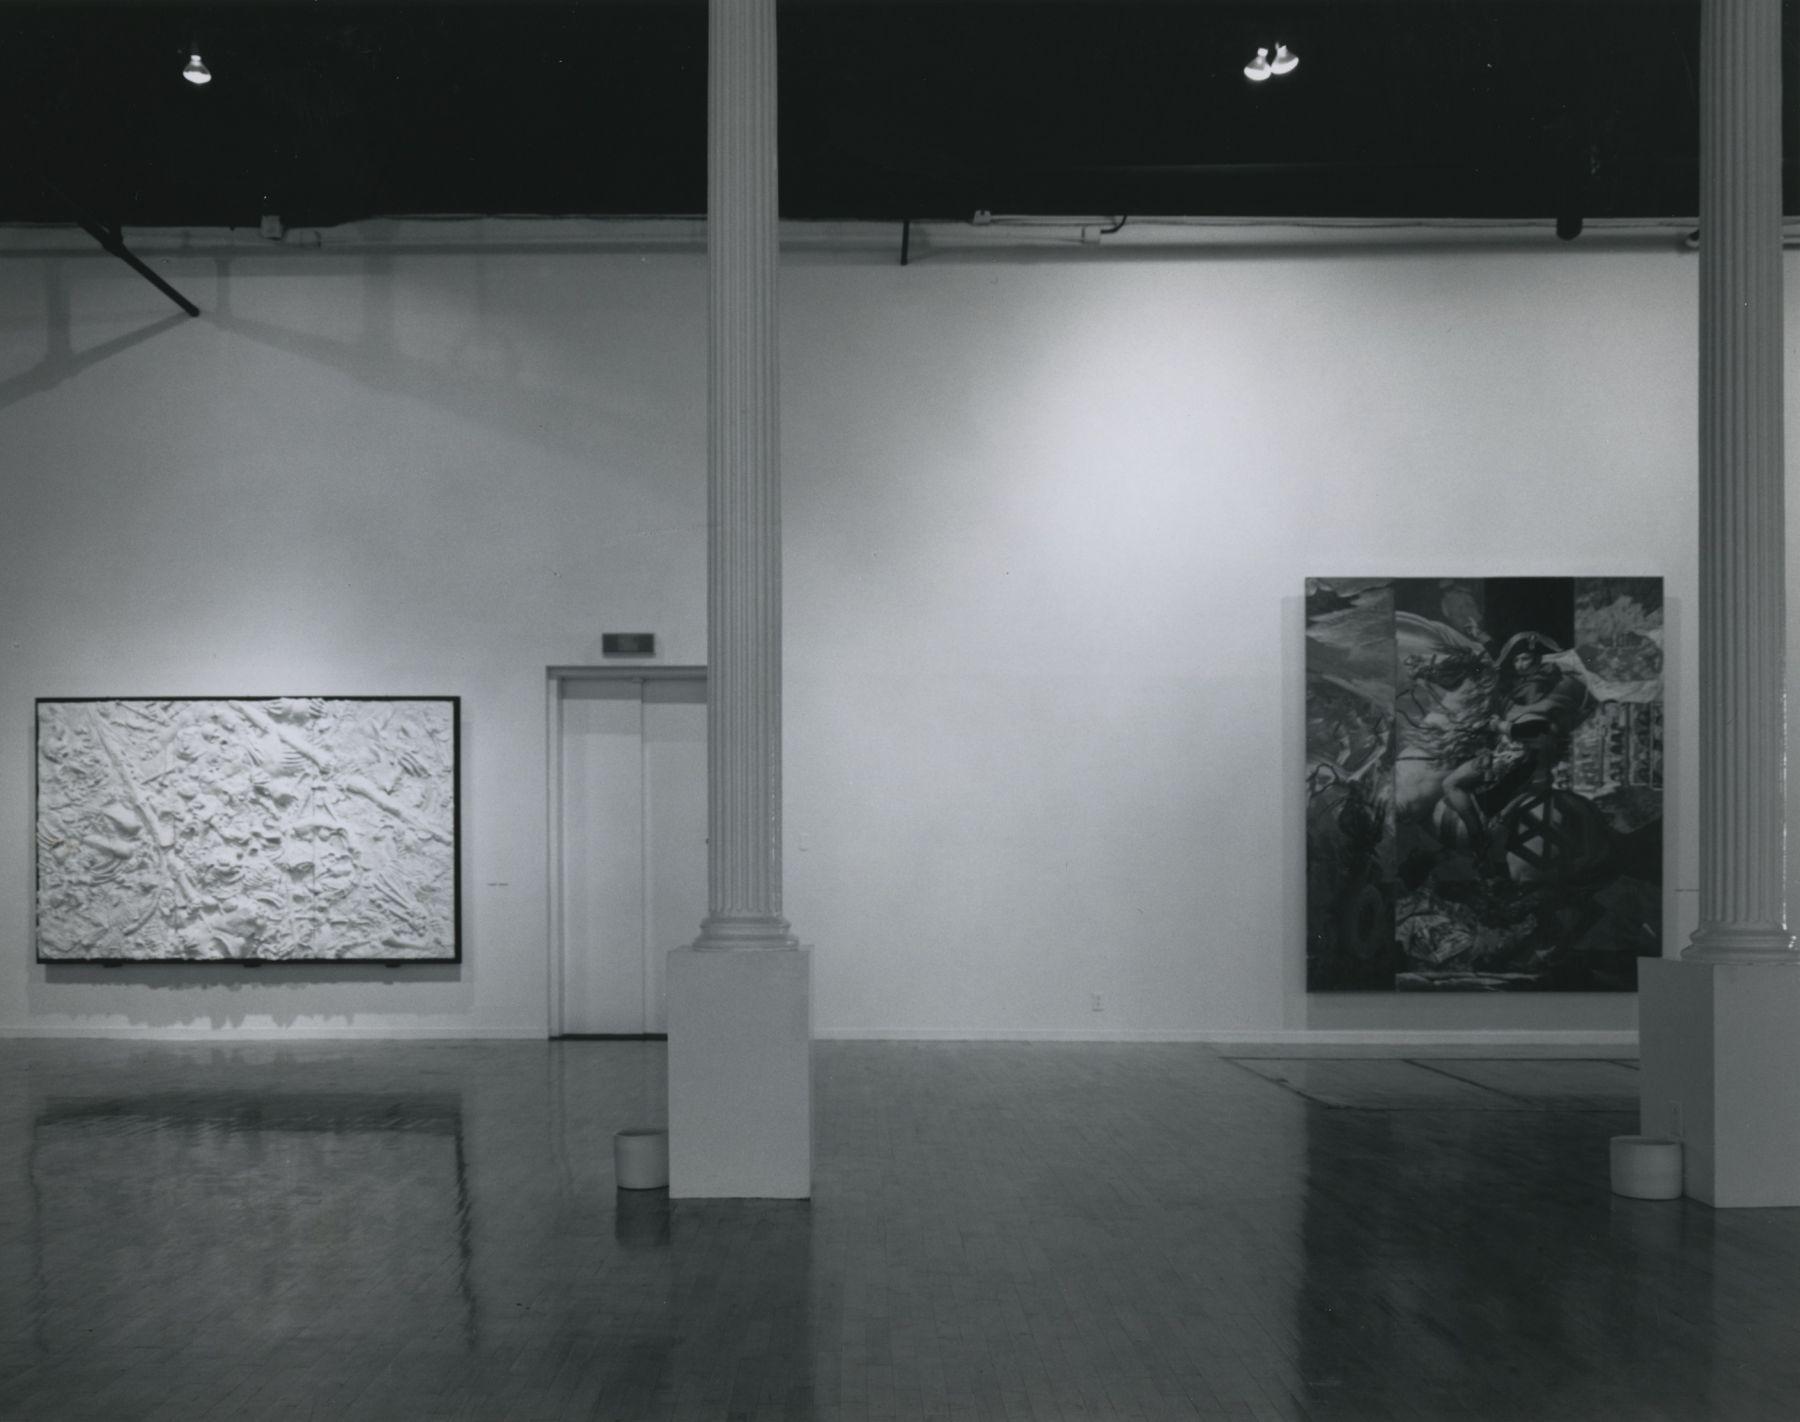 Installation view, Summer Group Exhibition, 142 GREENE